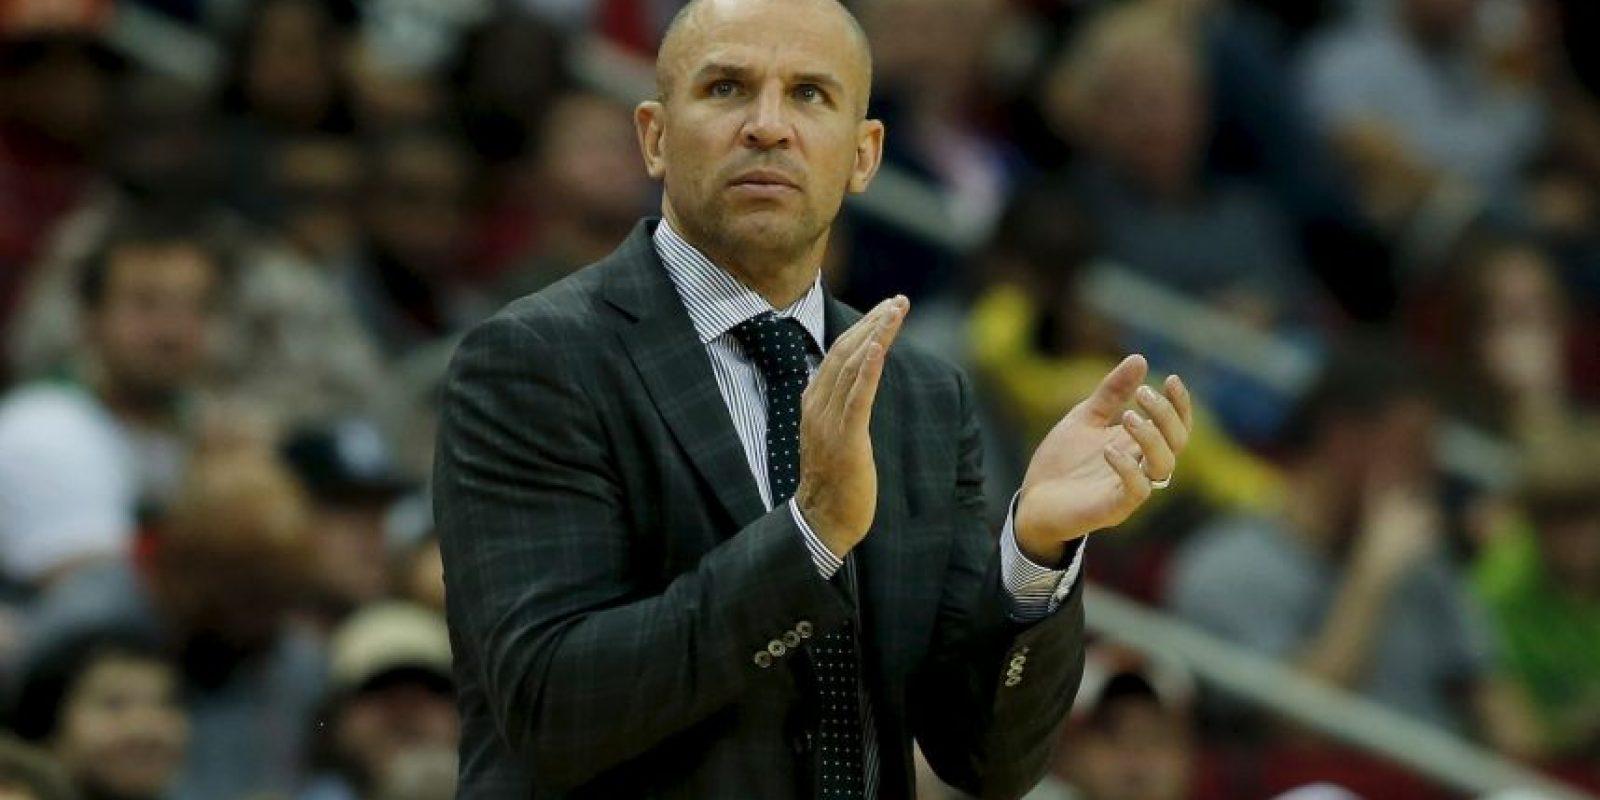 El coach de NBA Jason Kidd Foto:Getty Images